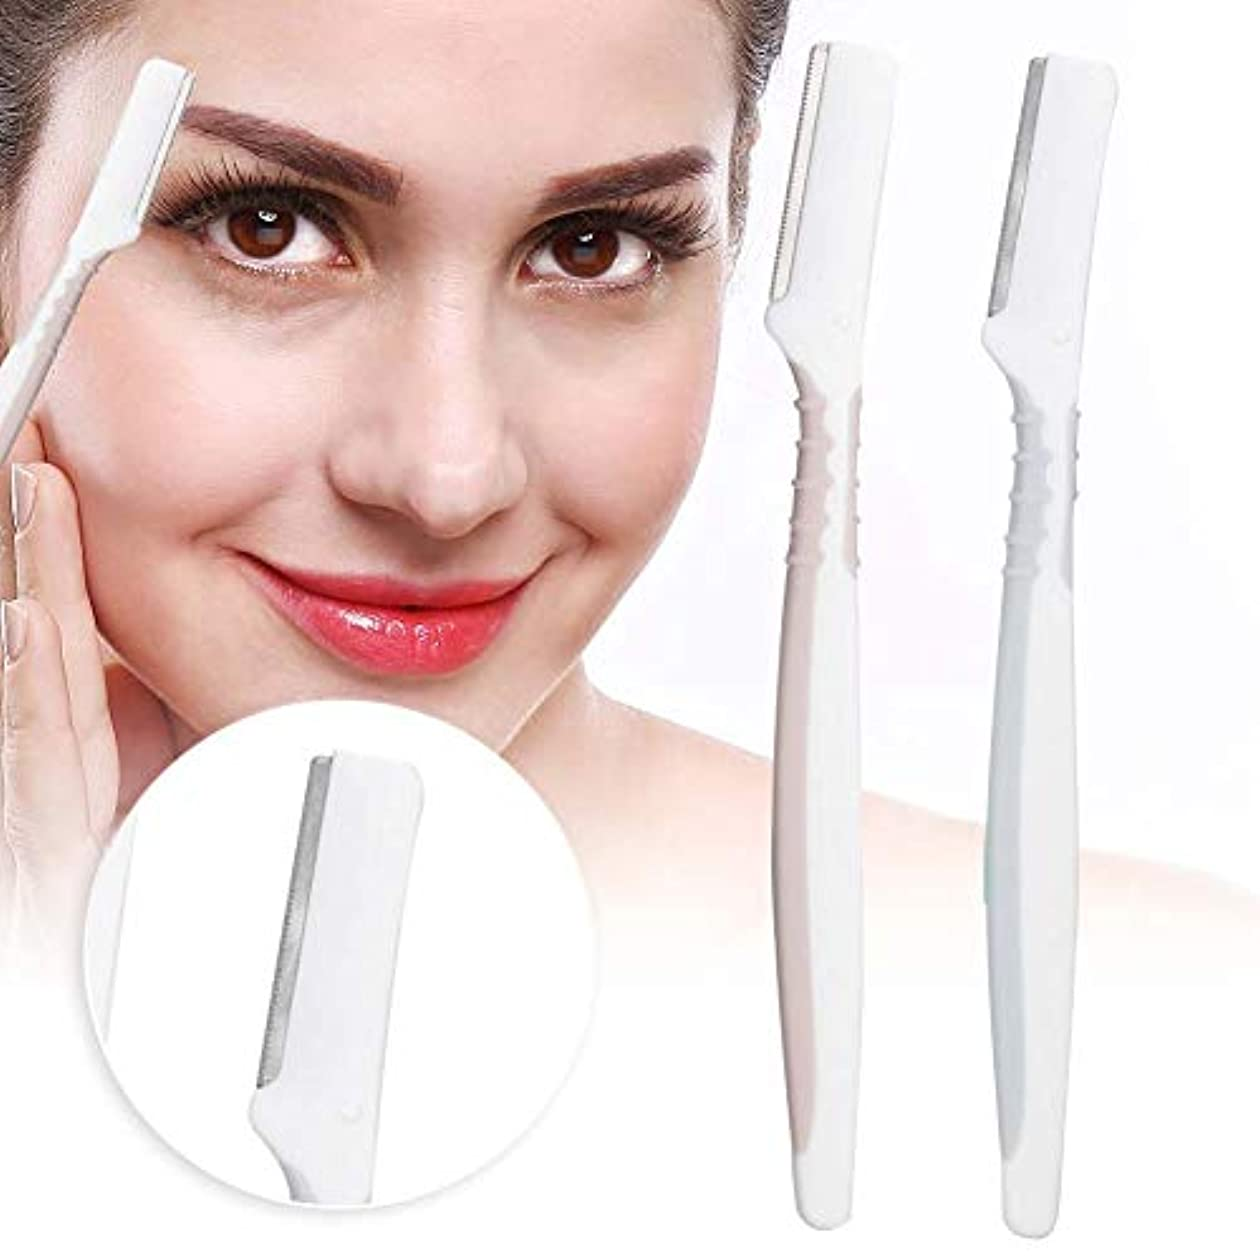 分離する怖がって死ぬ明らかにする2pcs眉毛かみそり - 女性と男性の顔の毛の除去剤、シェイパーシェーバー女性と男性の顔の除去剤